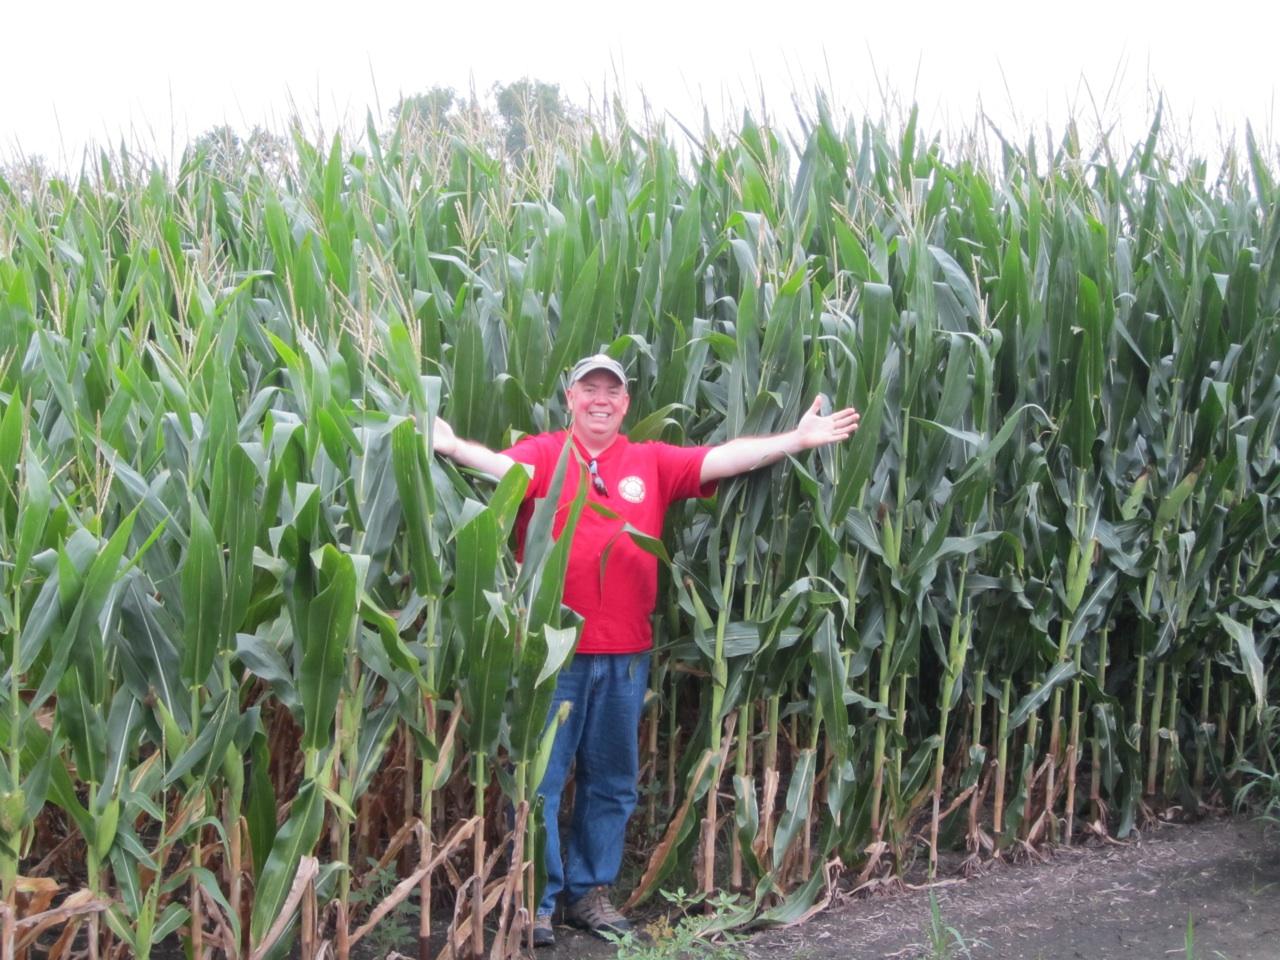 David In The Giant Corn In Amana, Iowa